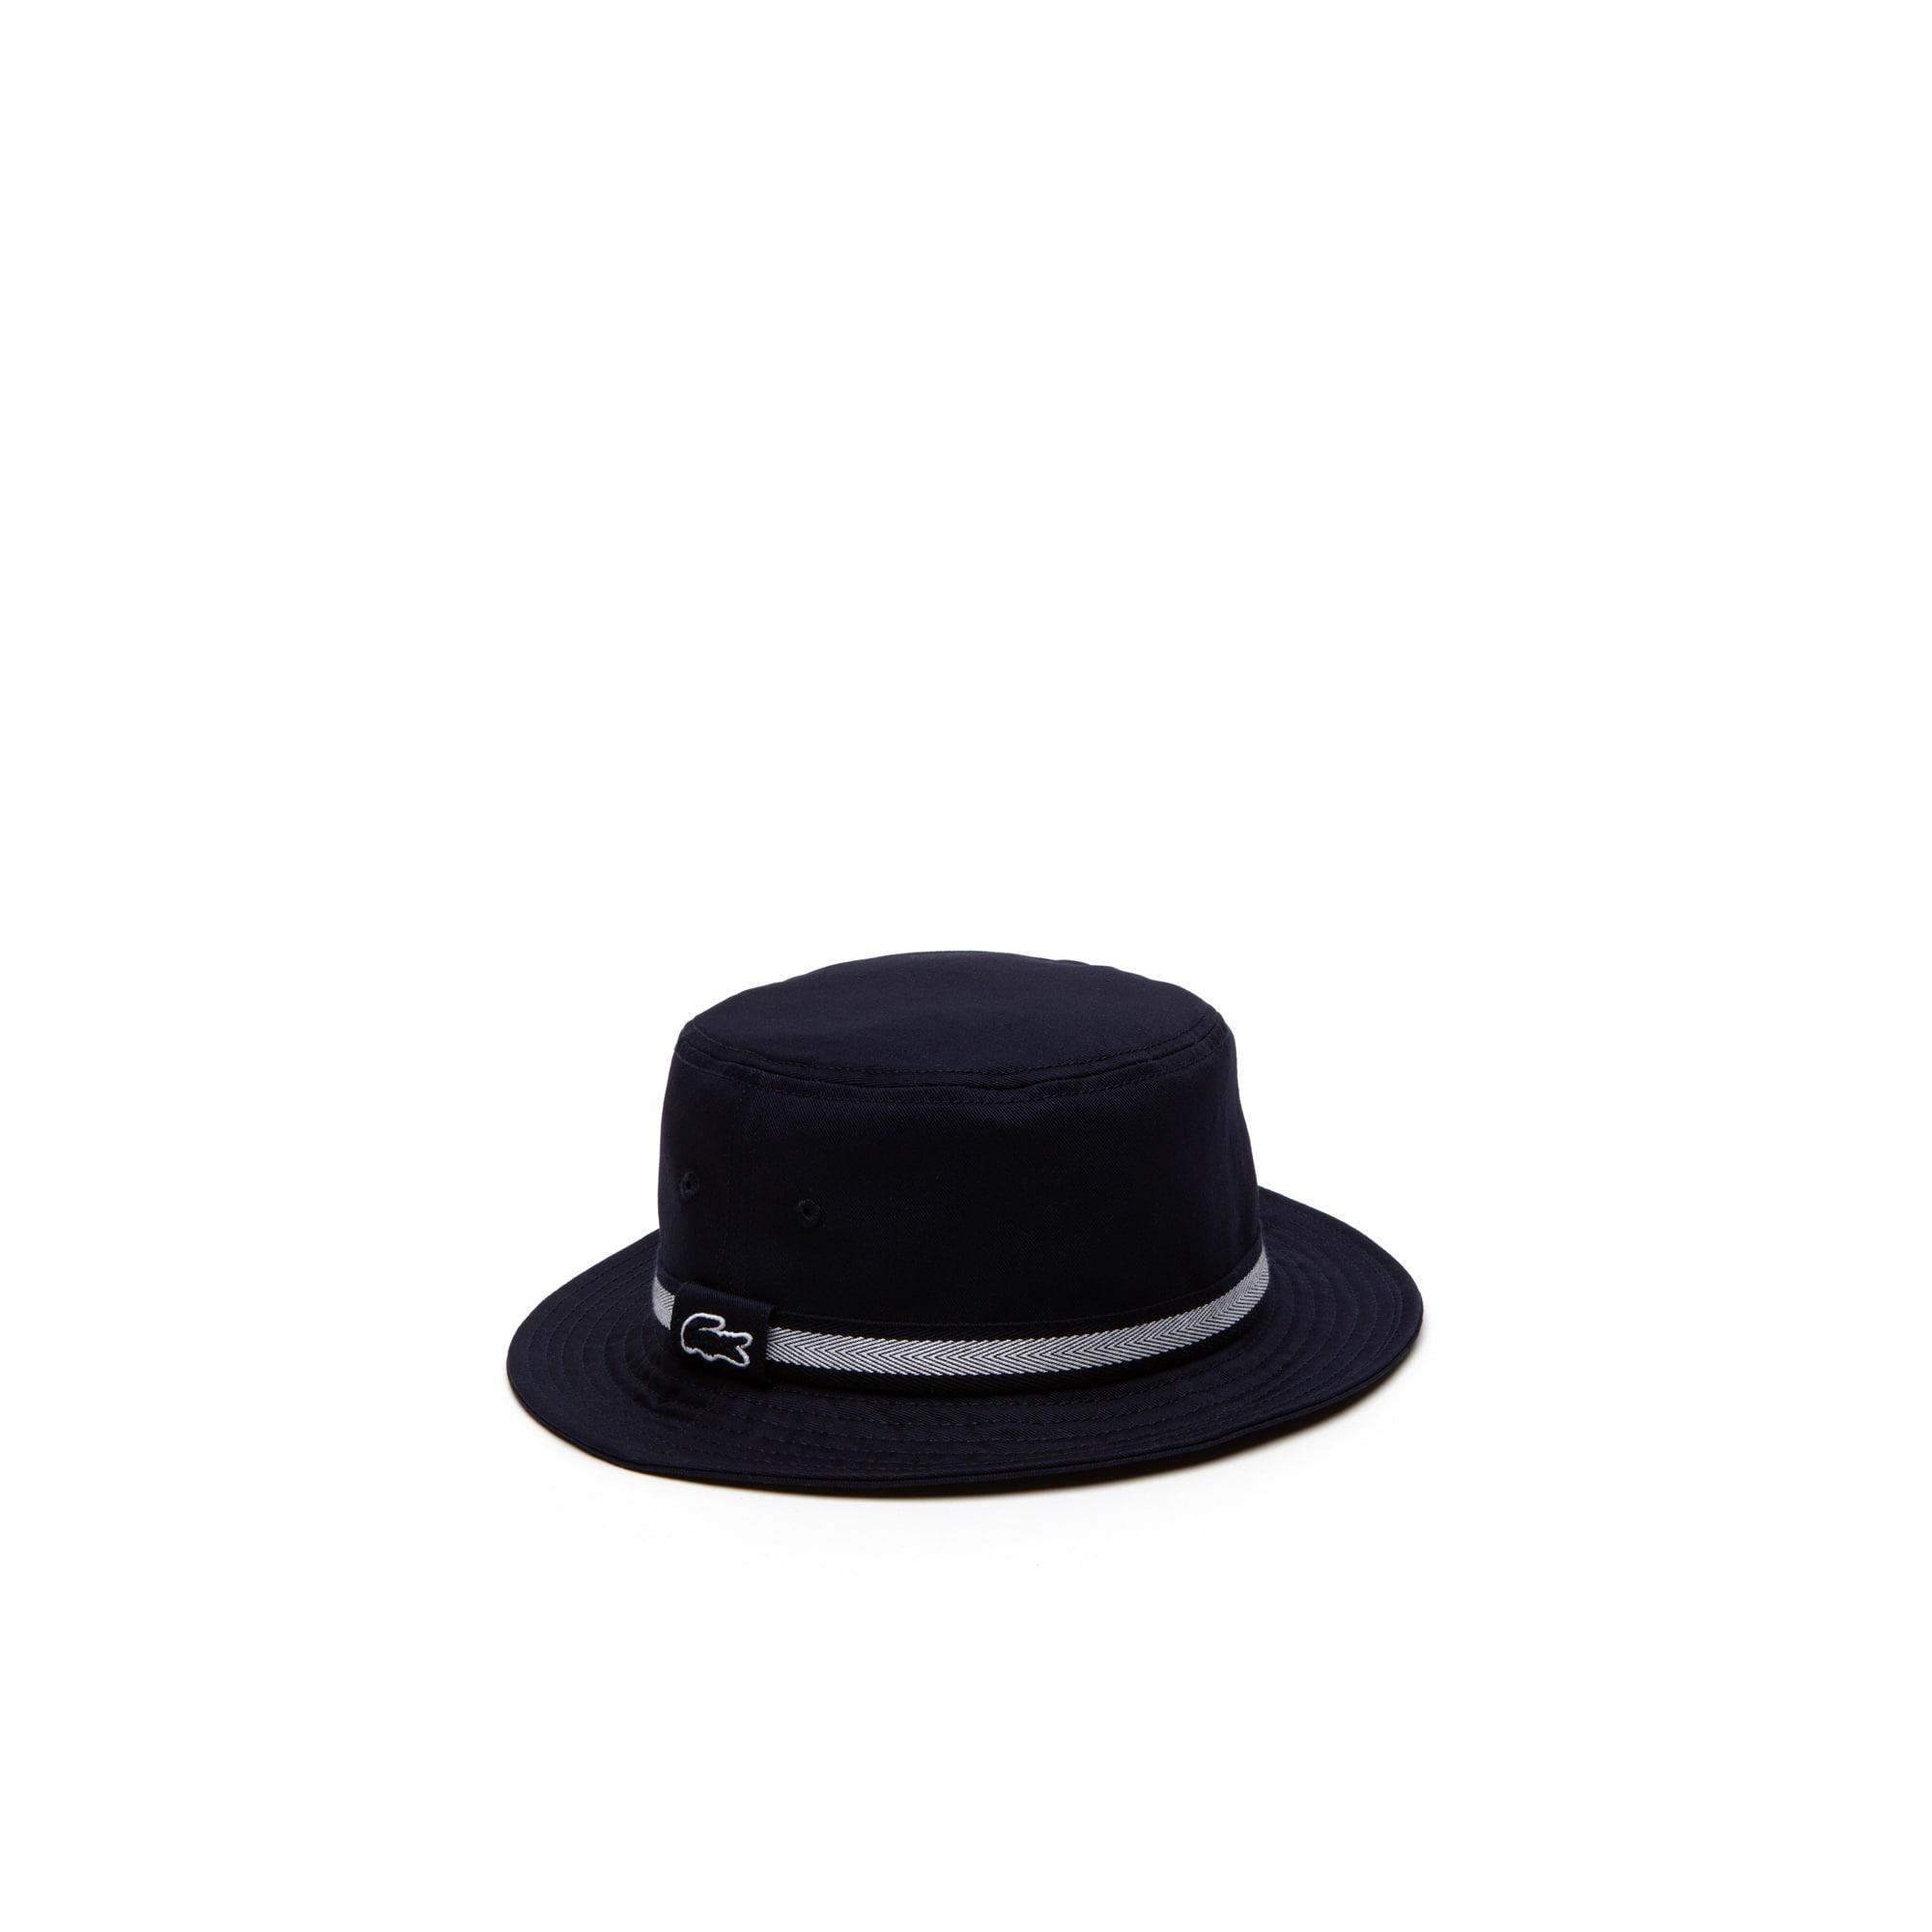 Chapéu em gabardina de algodão unicolor com fita impressa